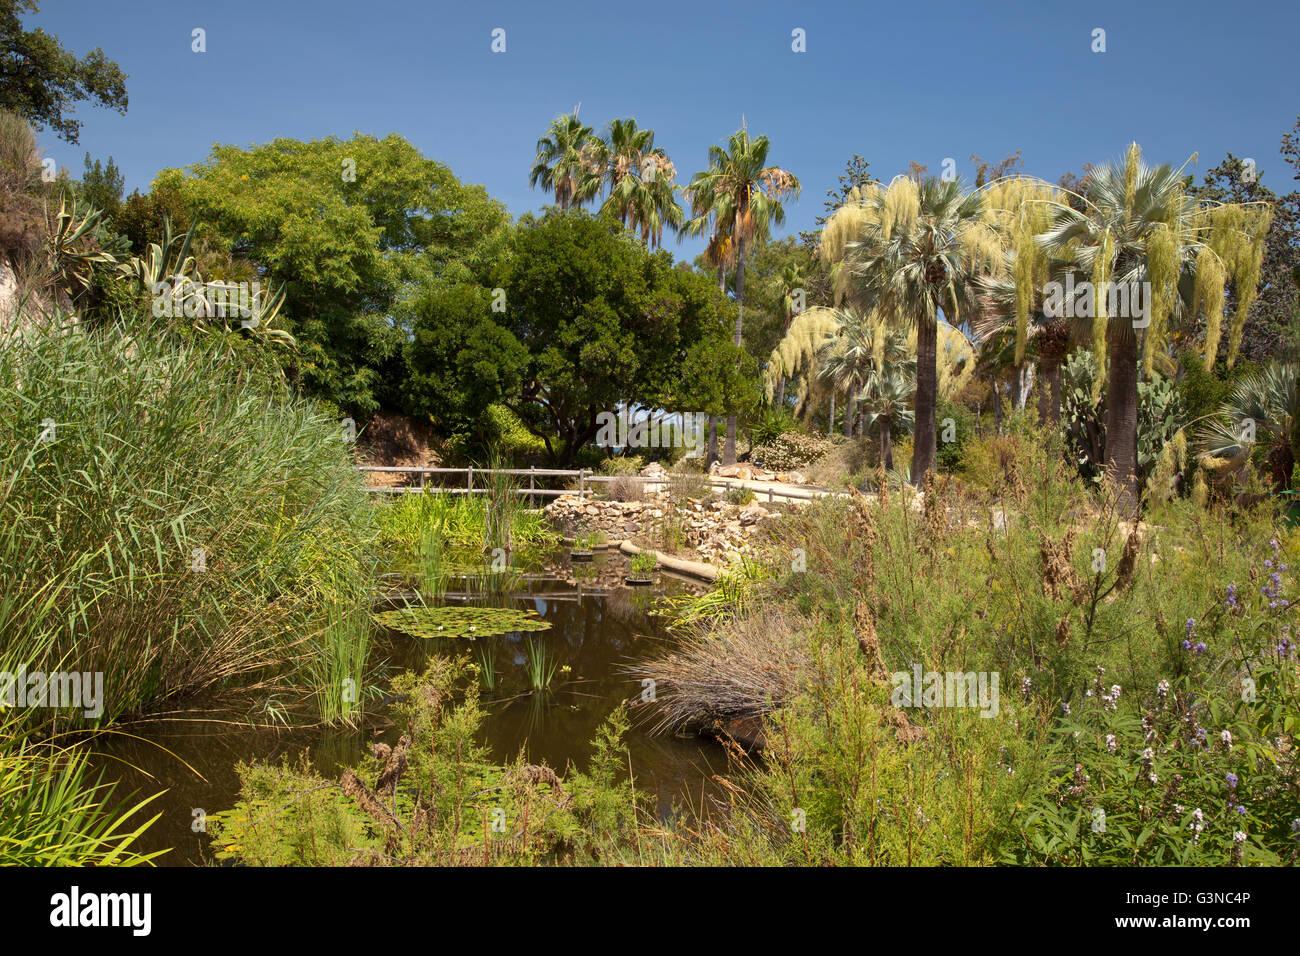 Jard Bot Nic Marimurtra Botanical Gardens Blanes La